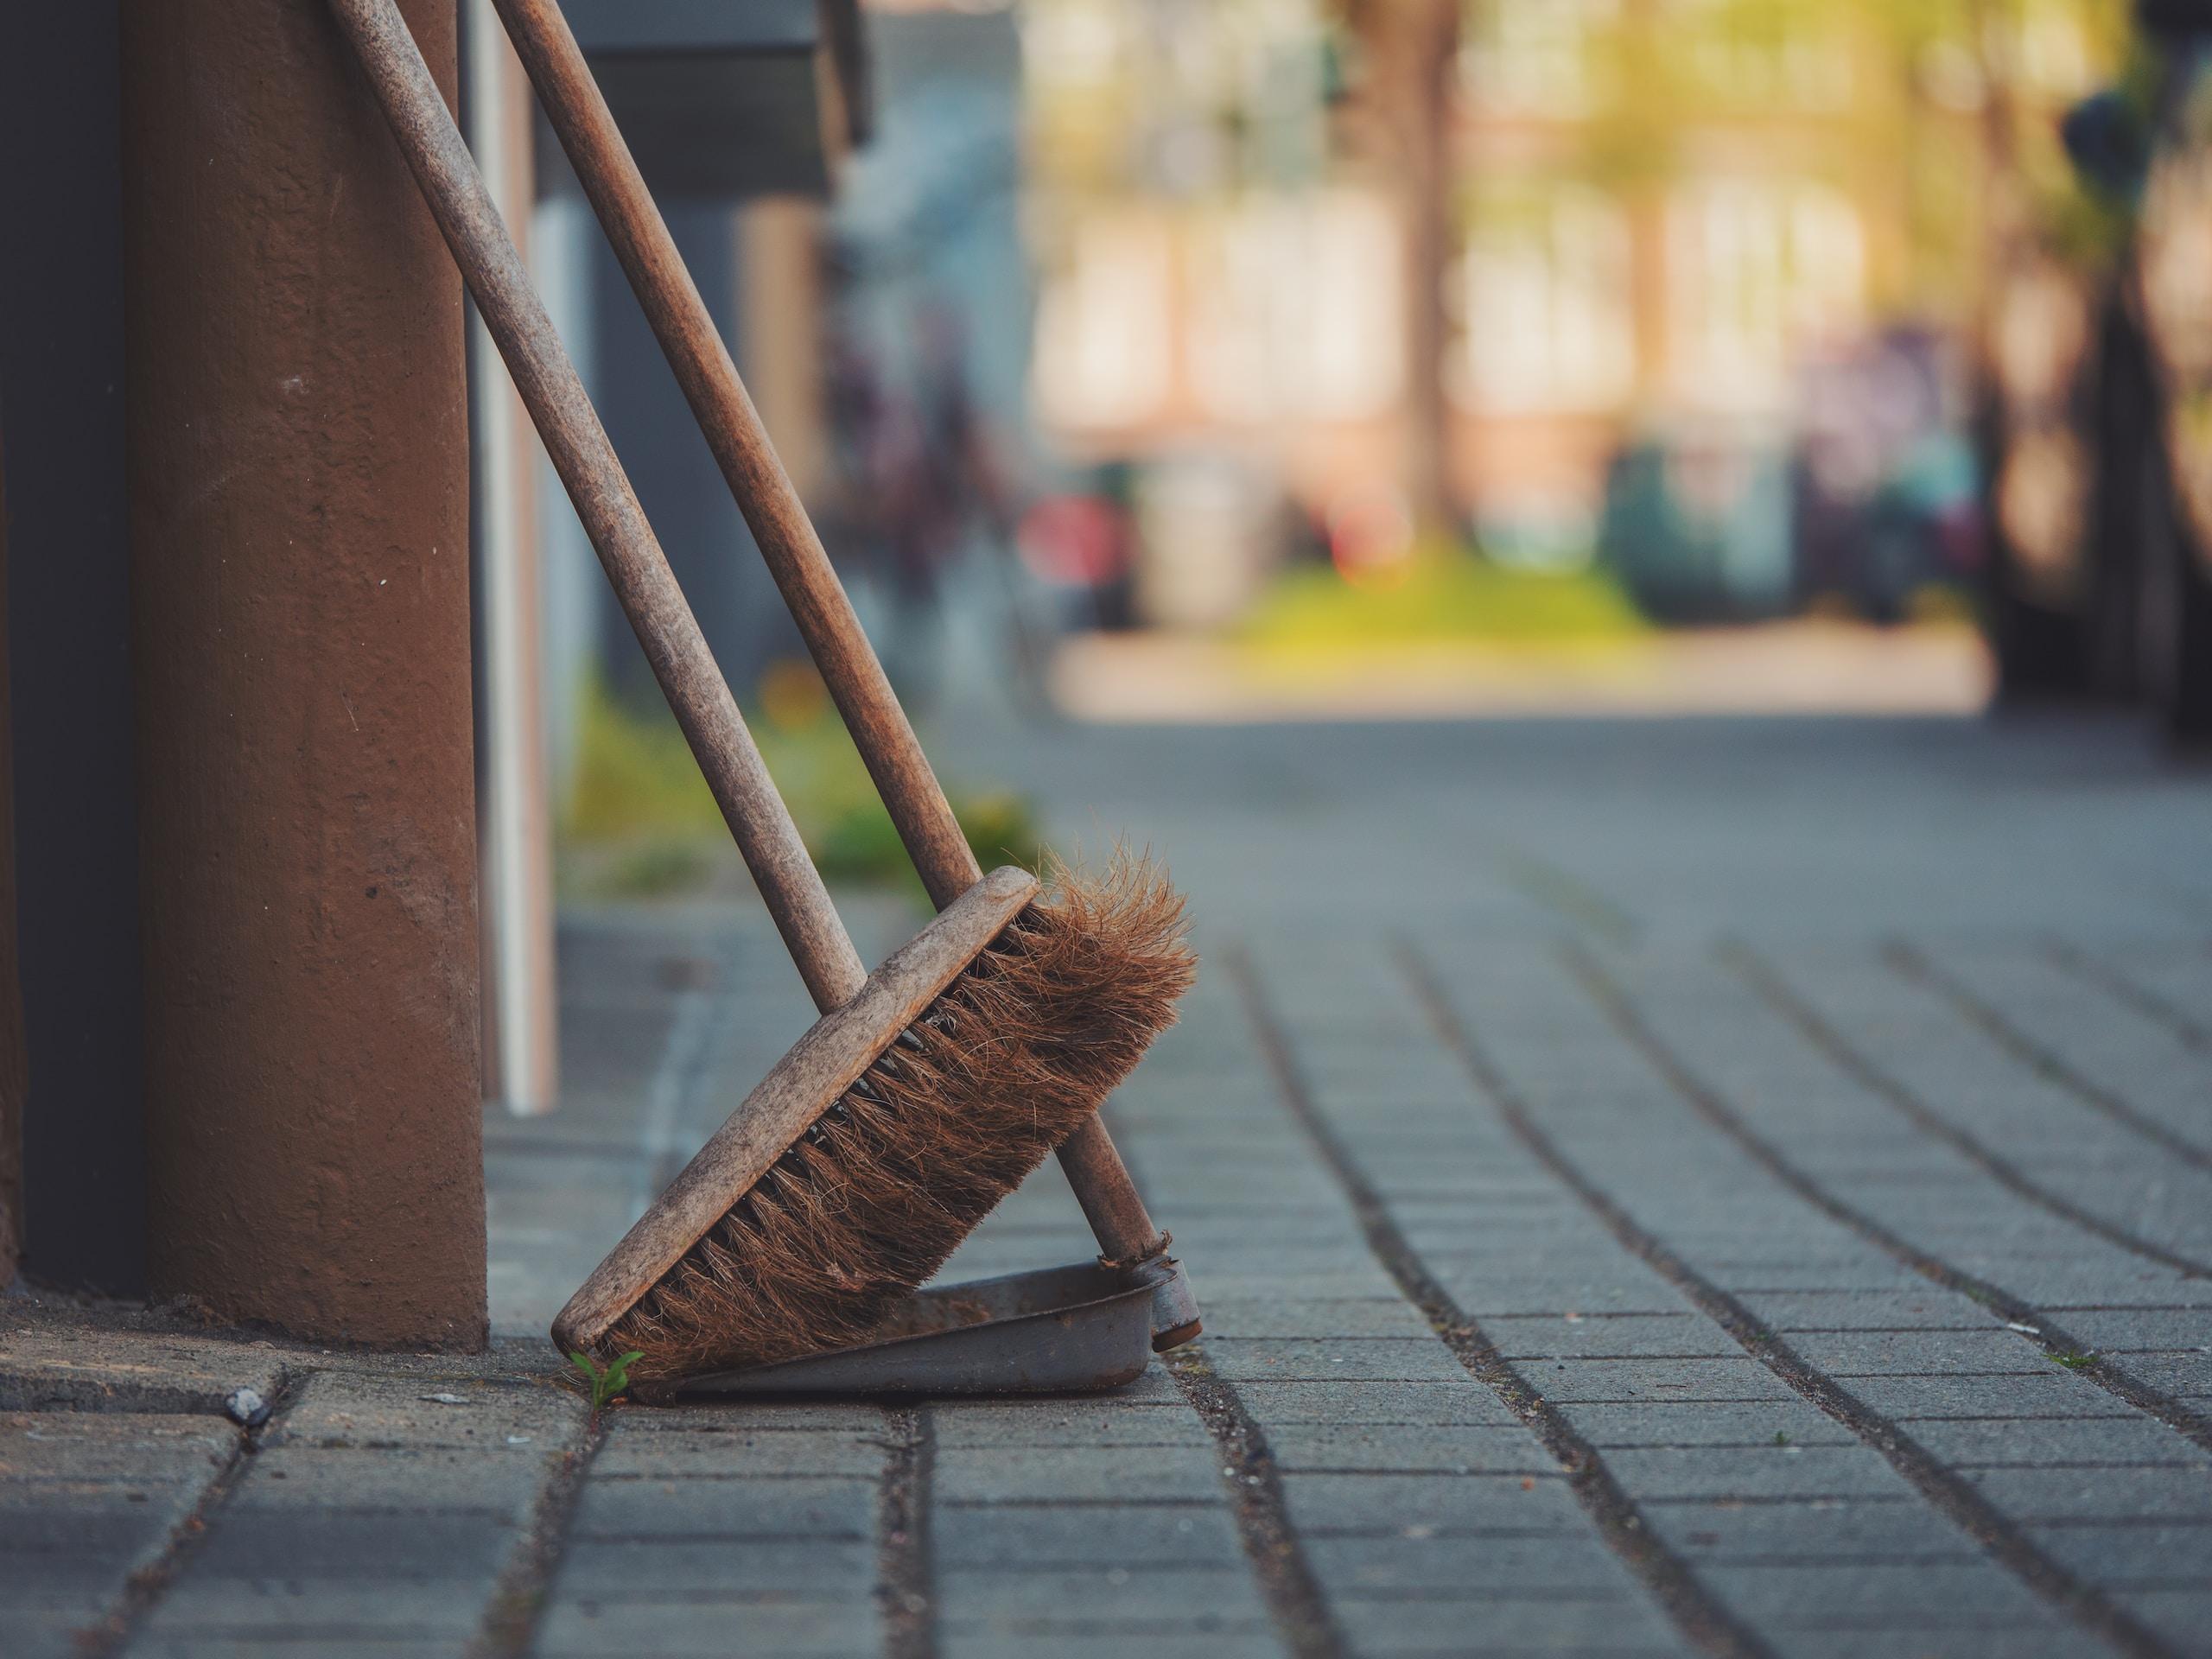 brown push broom on dust pan